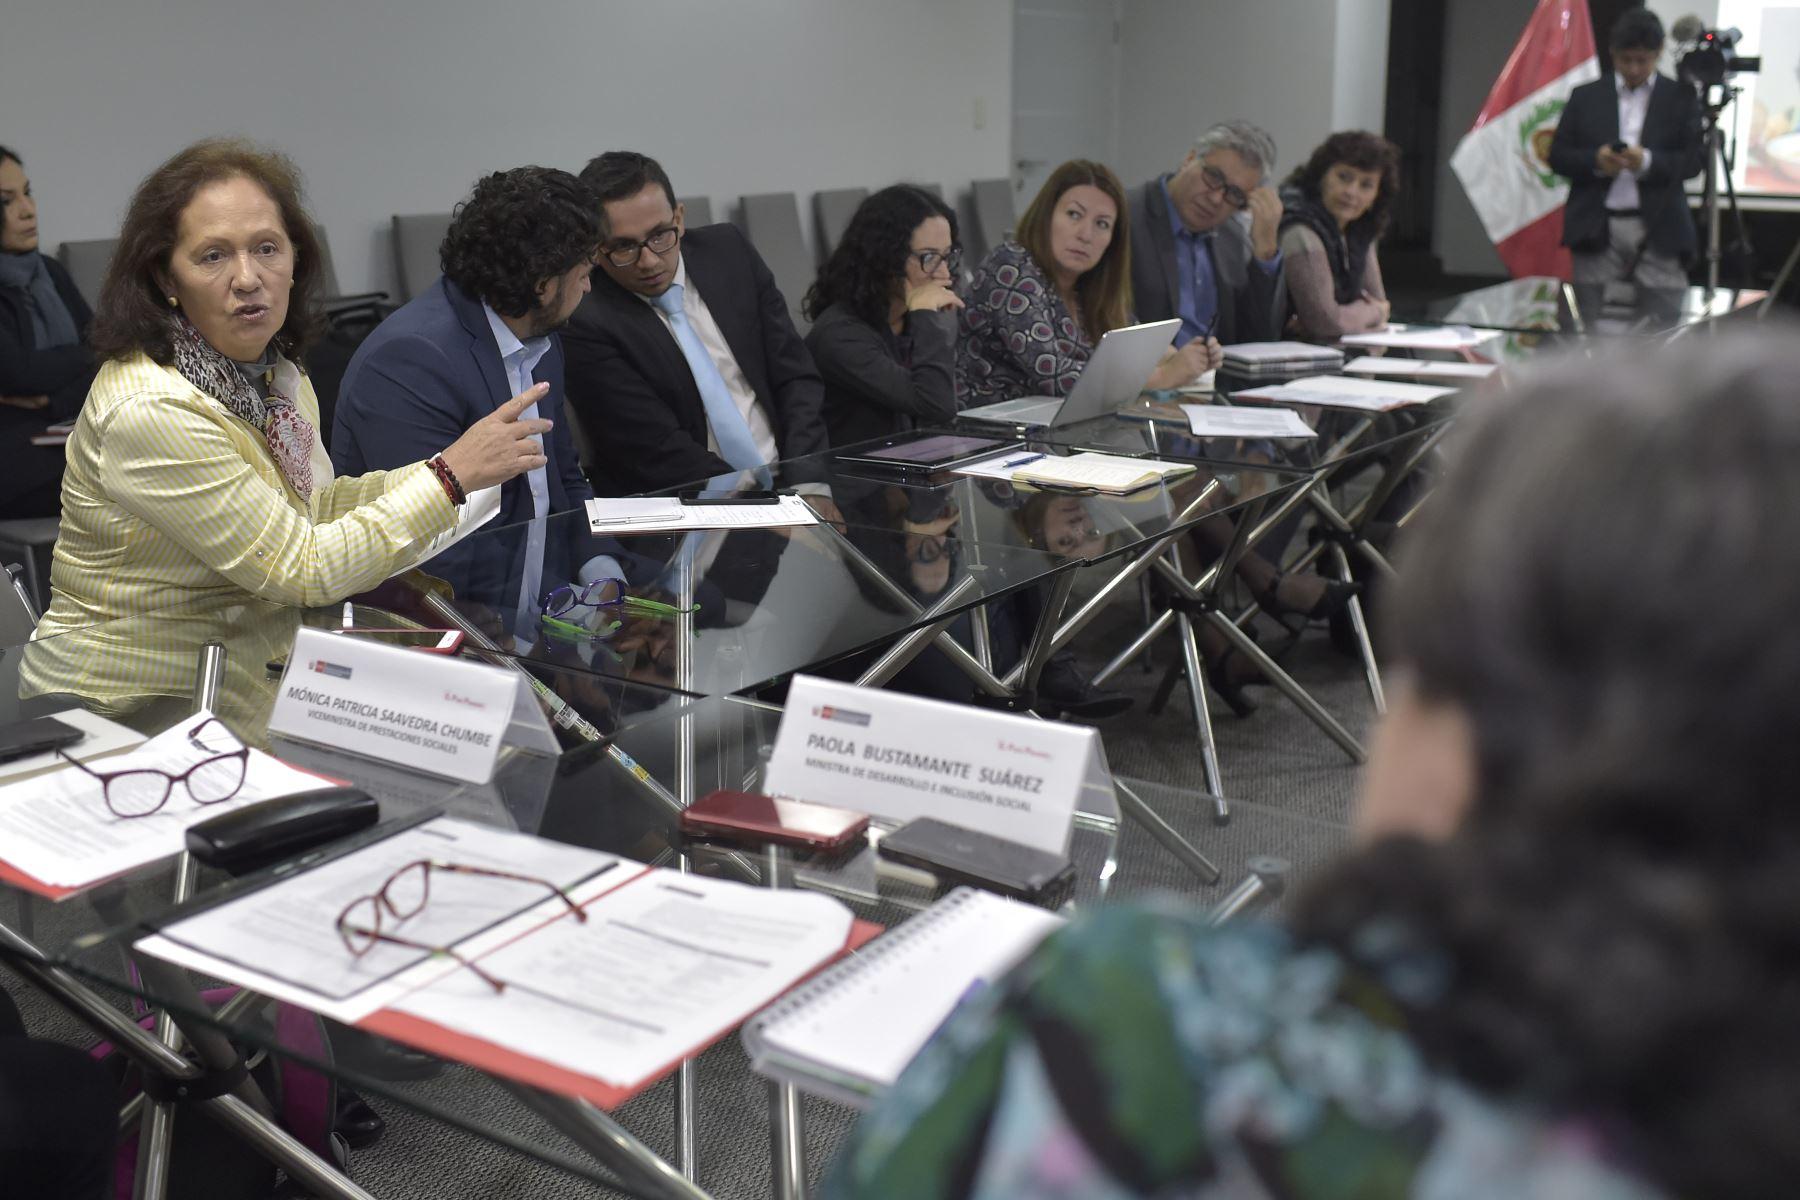 Funcionarios de MIDIS comparten la experiencia en políticas sociales con autoridades del Ecuador que ha permitido reducir de manera importante los indices de desnutrición crónica infantil. Foto: ANDINA/ José Sotomayor